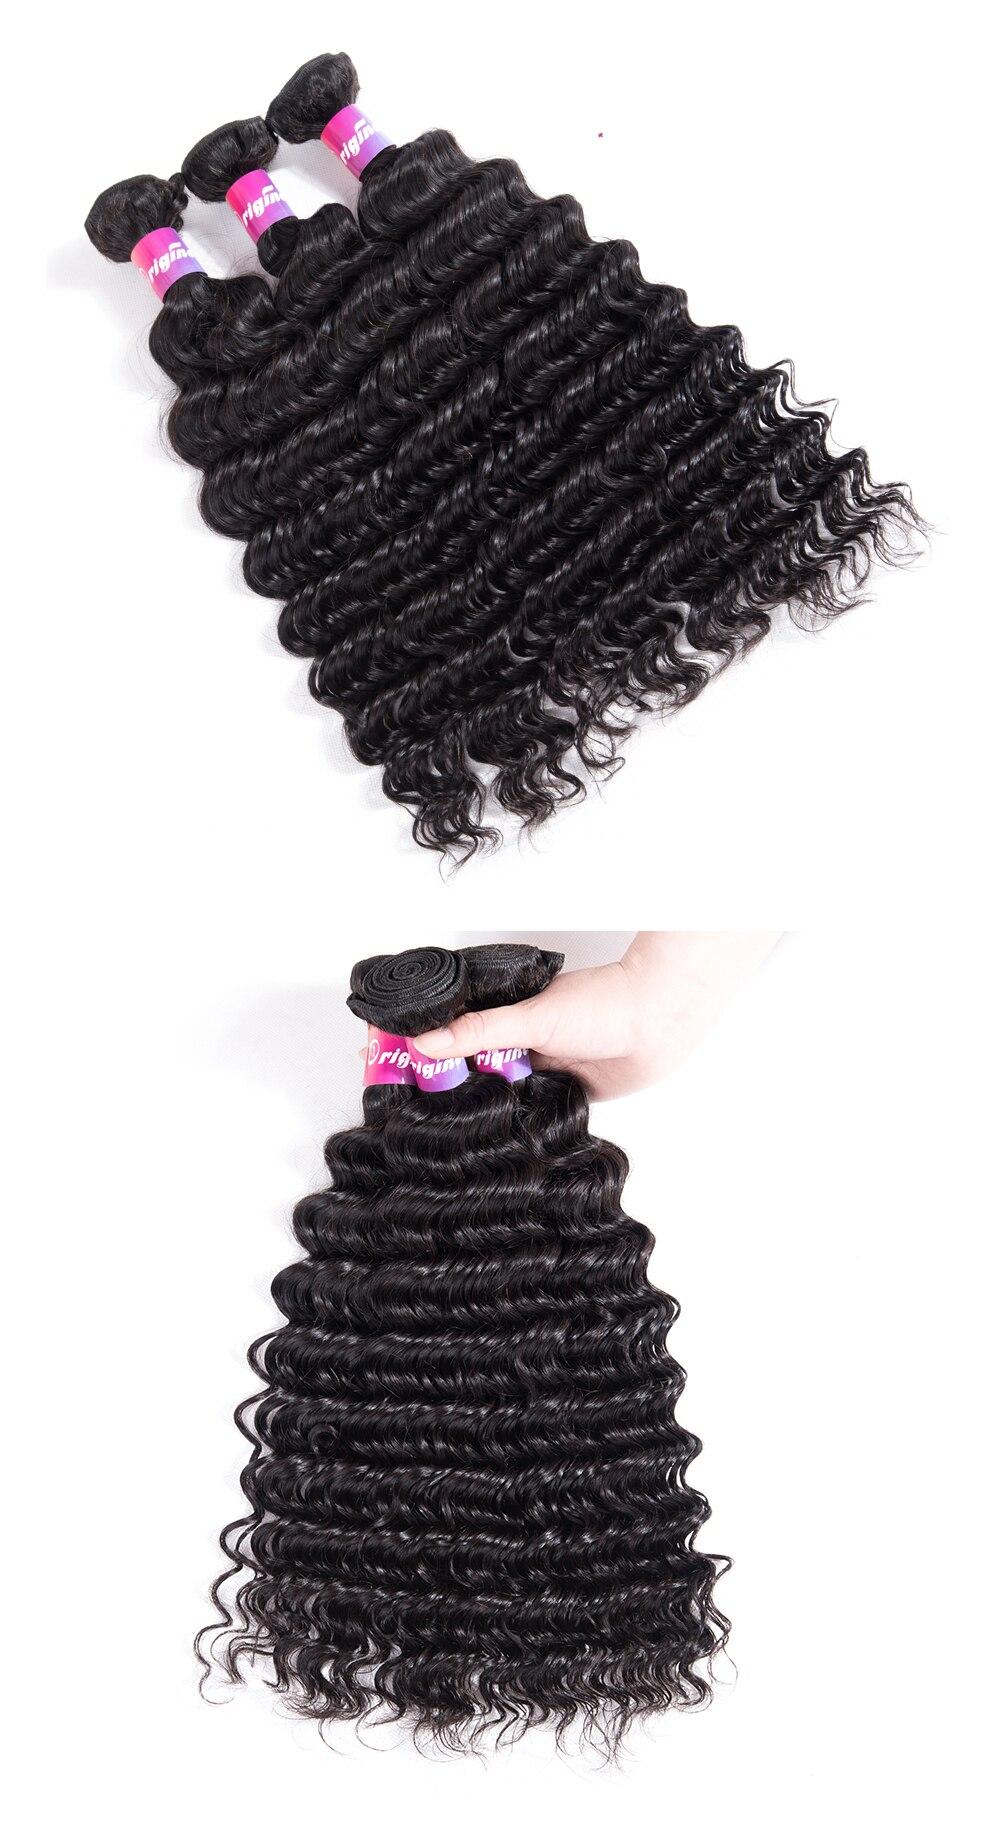 Brazilian hair bundles brazilian bundles brazilian deep wave weave brazilian hair bundles factory Brazilian Human Hair Deep Weave 4Bundles With Closure Deep Wave Bundles With Closure Remy Human Hair Bundle Lace Closure